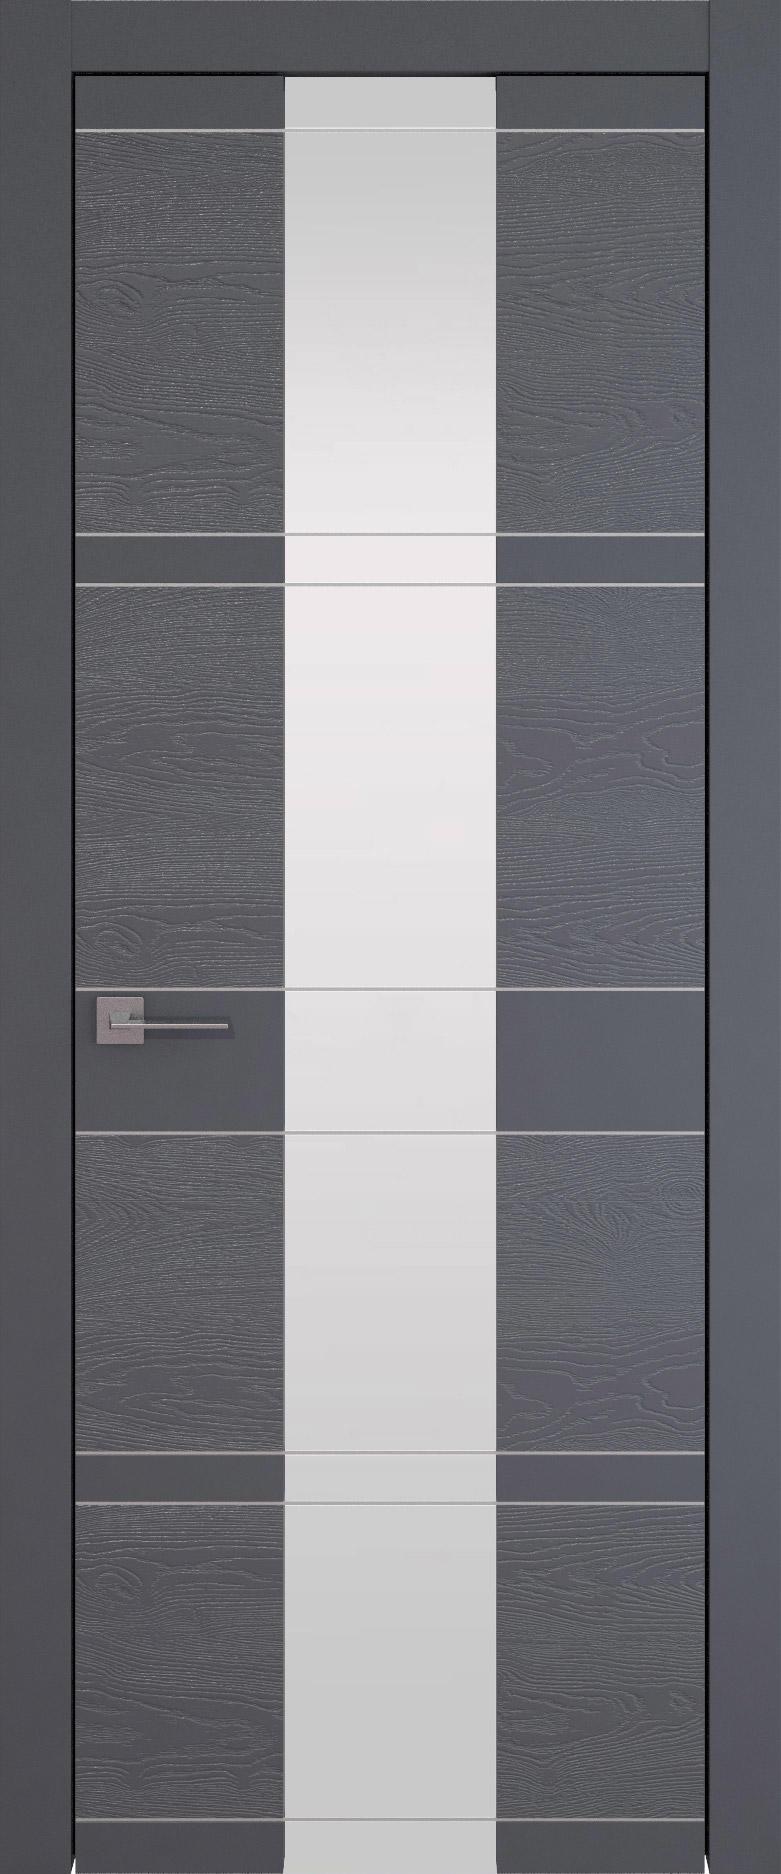 Tivoli Ж-2 цвет - Графитово-серая эмаль-эмаль по шпону (RAL 7024) Со стеклом (ДО)